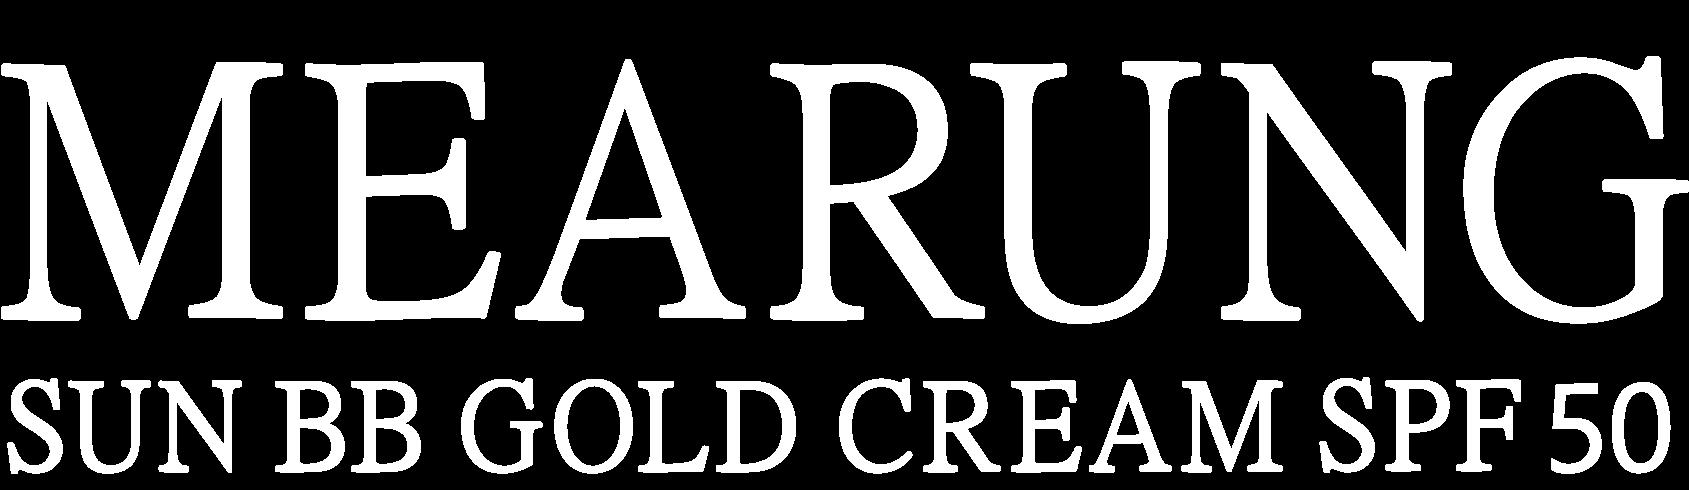 MEARUNG-SUN-BB-GOLD-CREAM